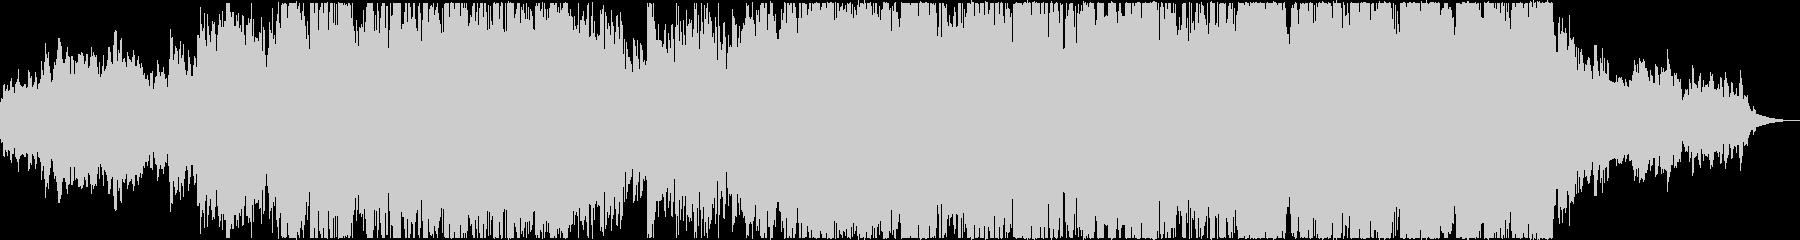 アンビエントでインスピレーションのある曲の未再生の波形